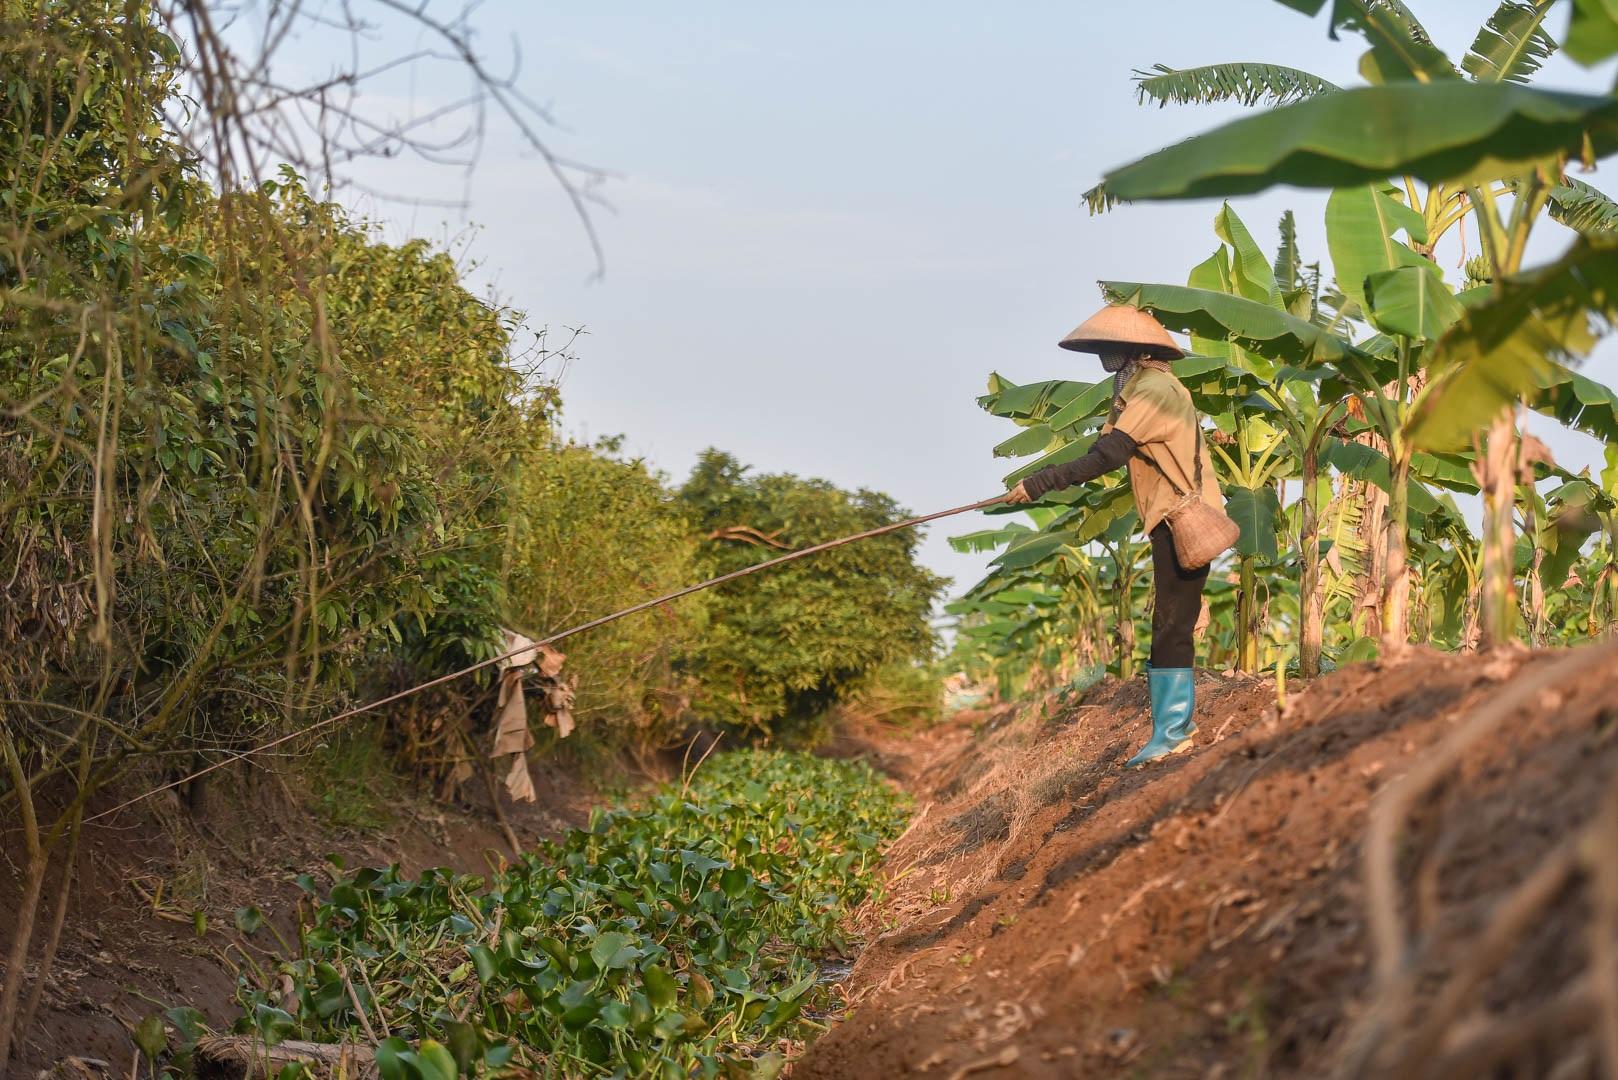 Câu con lộc trời cho: nông dân Hải Dương kiếm nửa triệu đồng mỗi ngày - 1